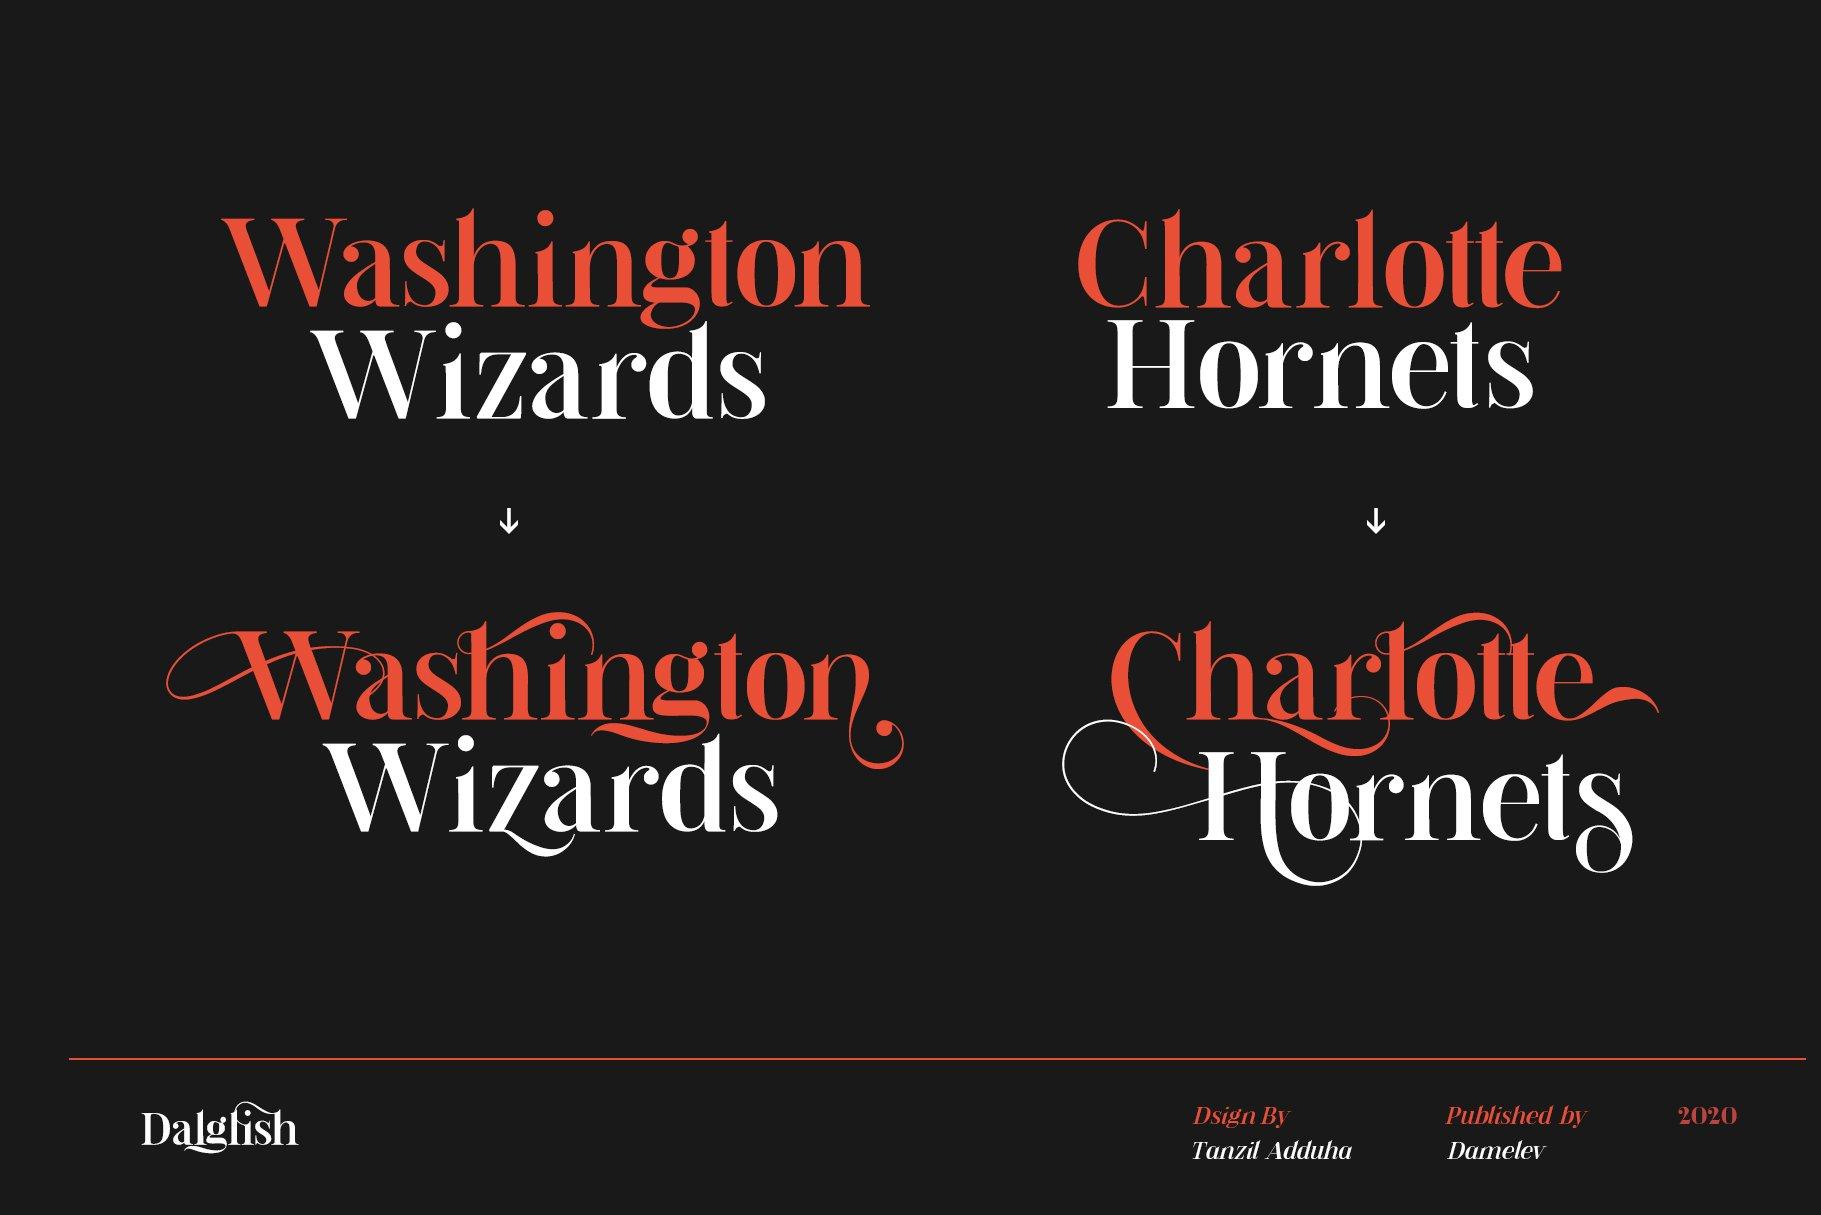 现代复古杂志海报标题徽标Logo设计衬线英文字体素材 Dalglish Typeface插图8